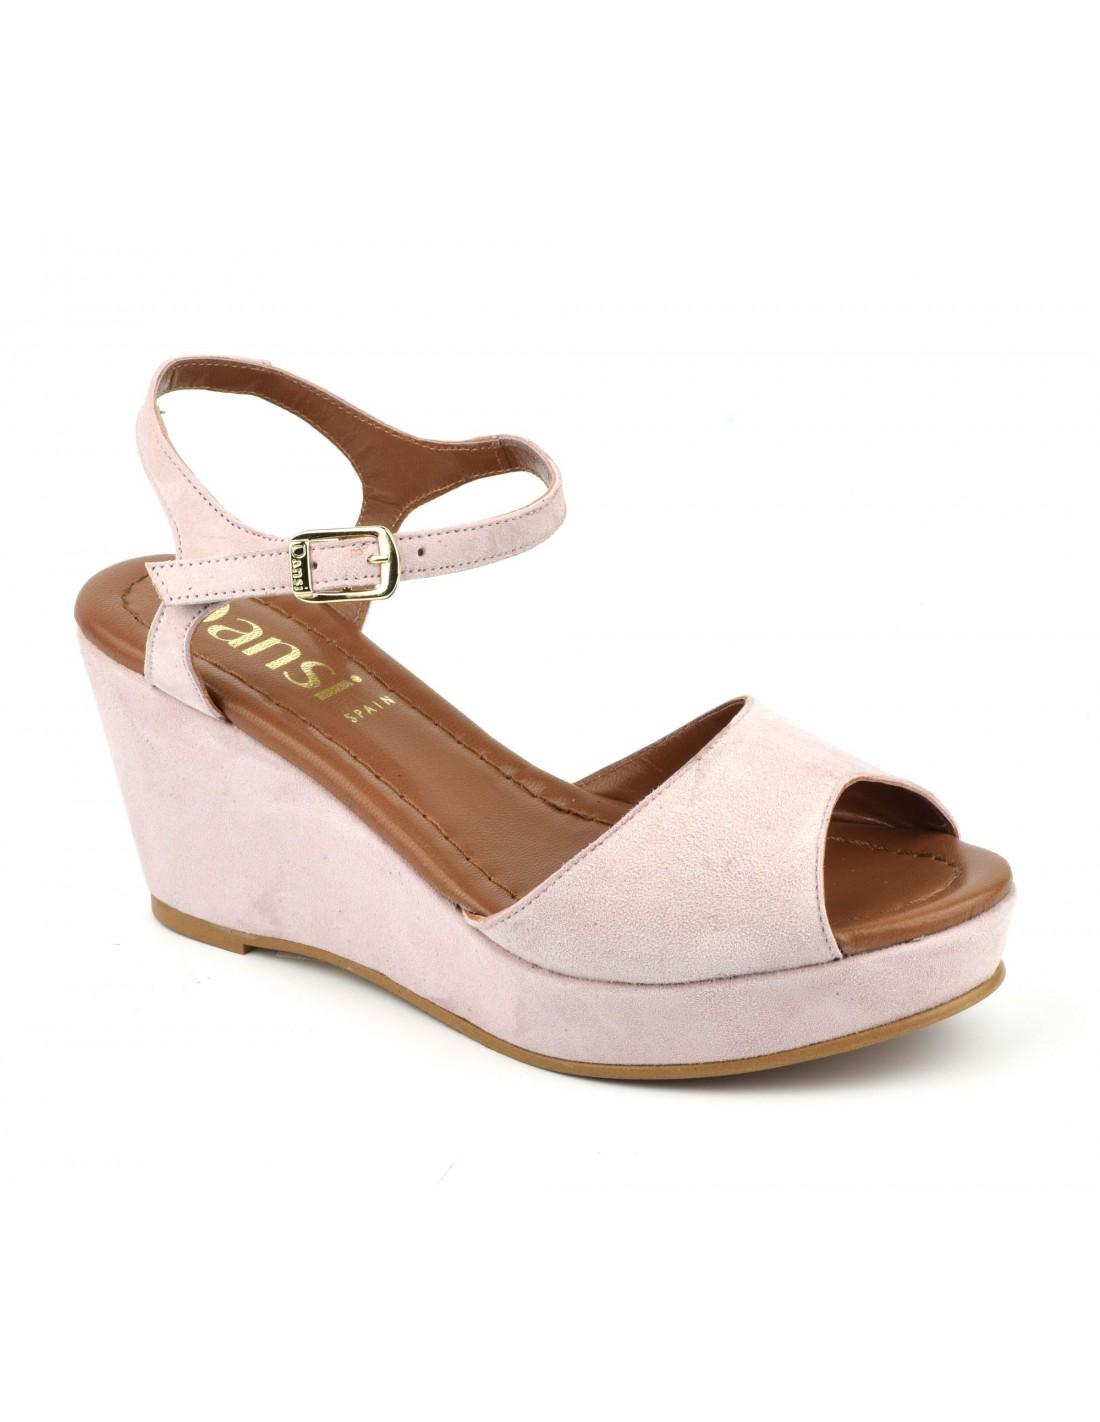 Sandales compensées, cuir daim rose poudré, 8332, Dansi